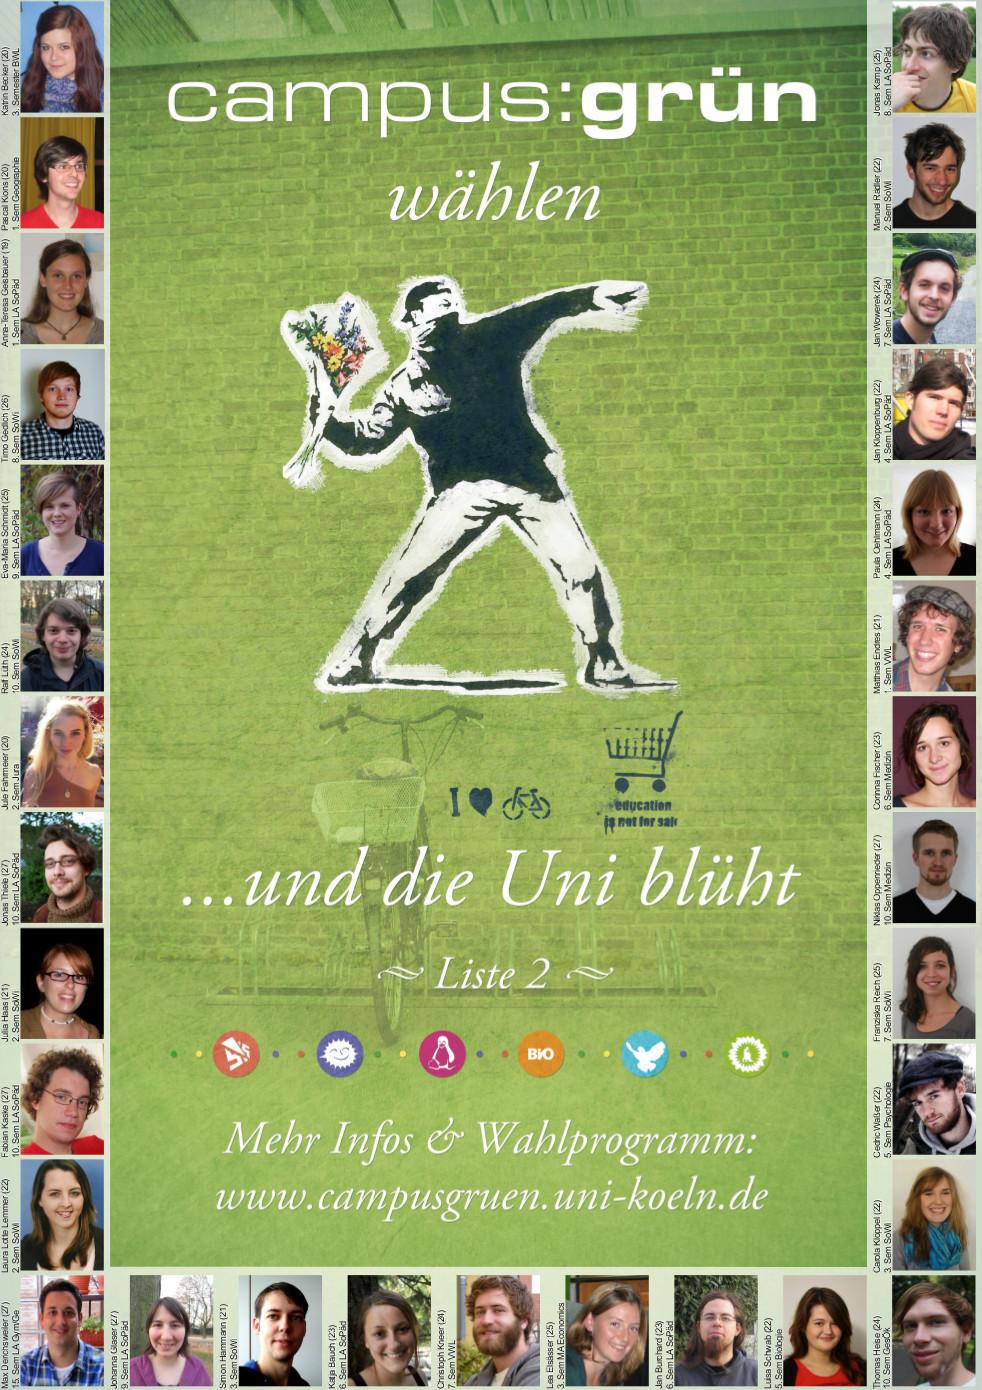 Wahlplakat für StuPa-Wahl im WiSe 2011/12